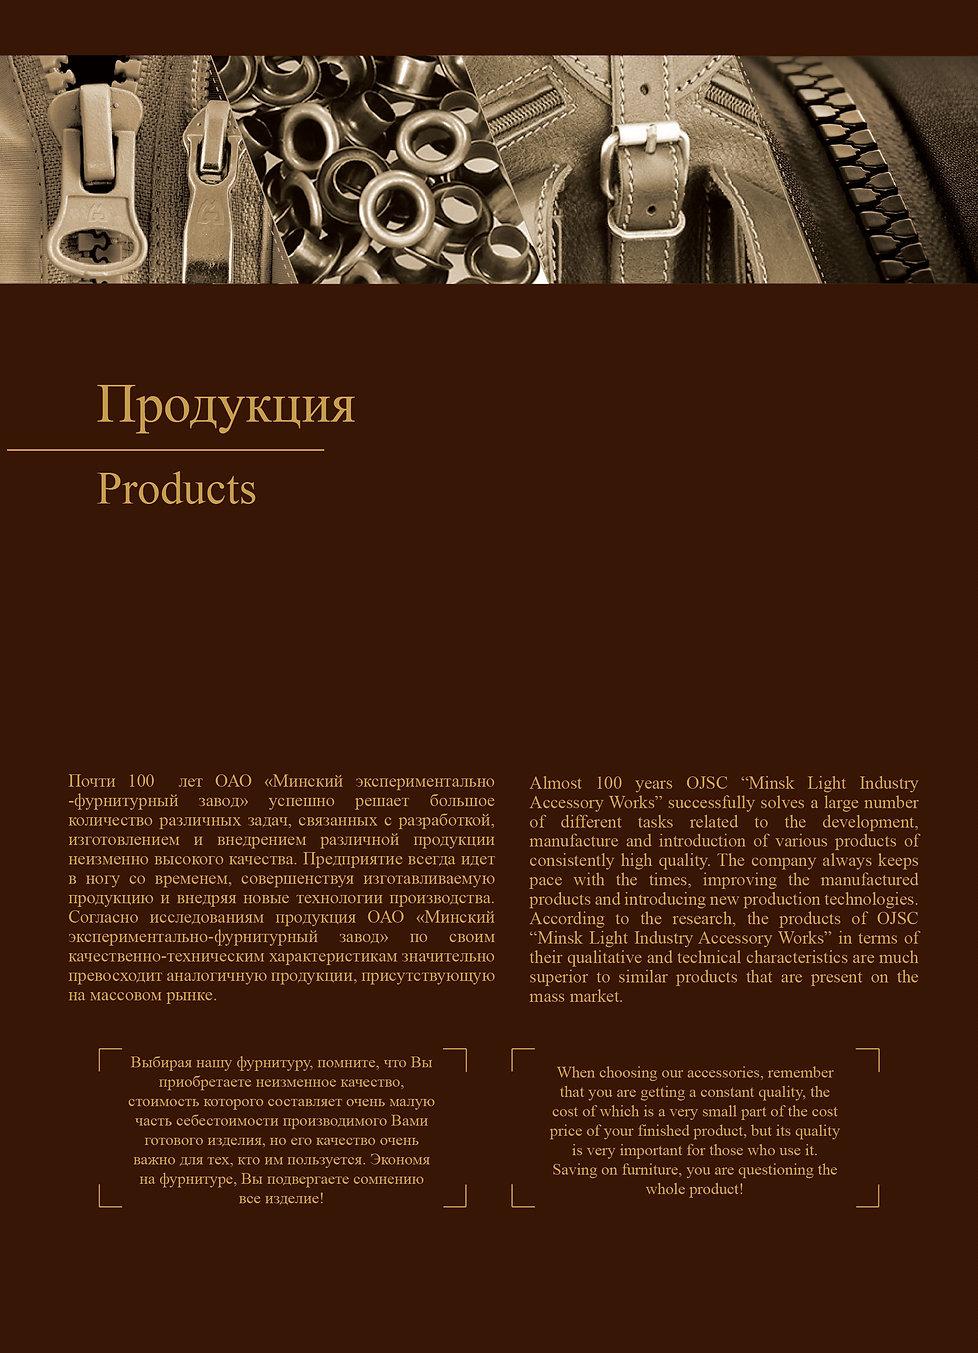 Продукция фурнитурного завода